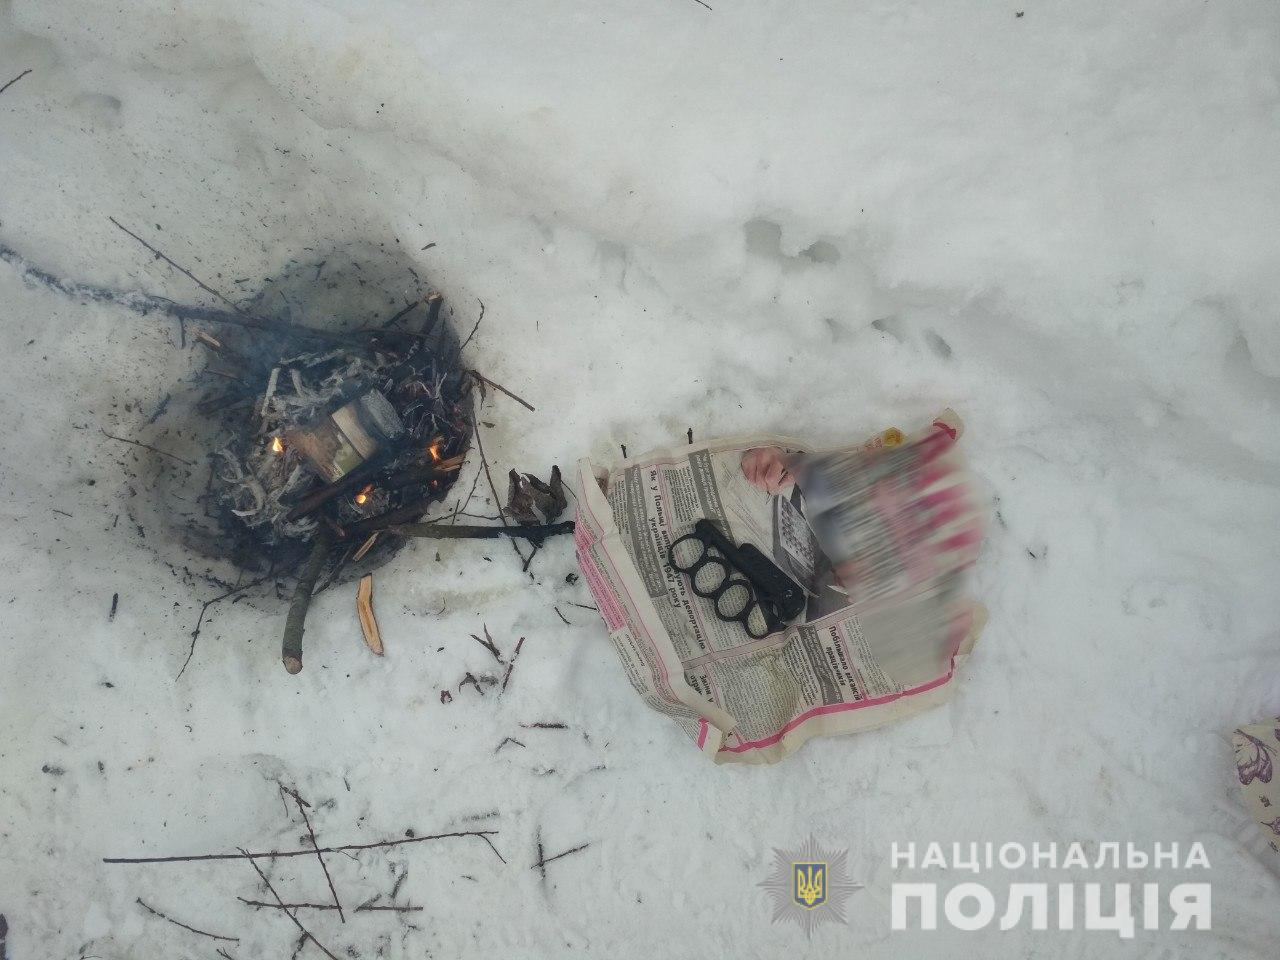 Поліція Іршавщини вилучила набої та саморобний кастет